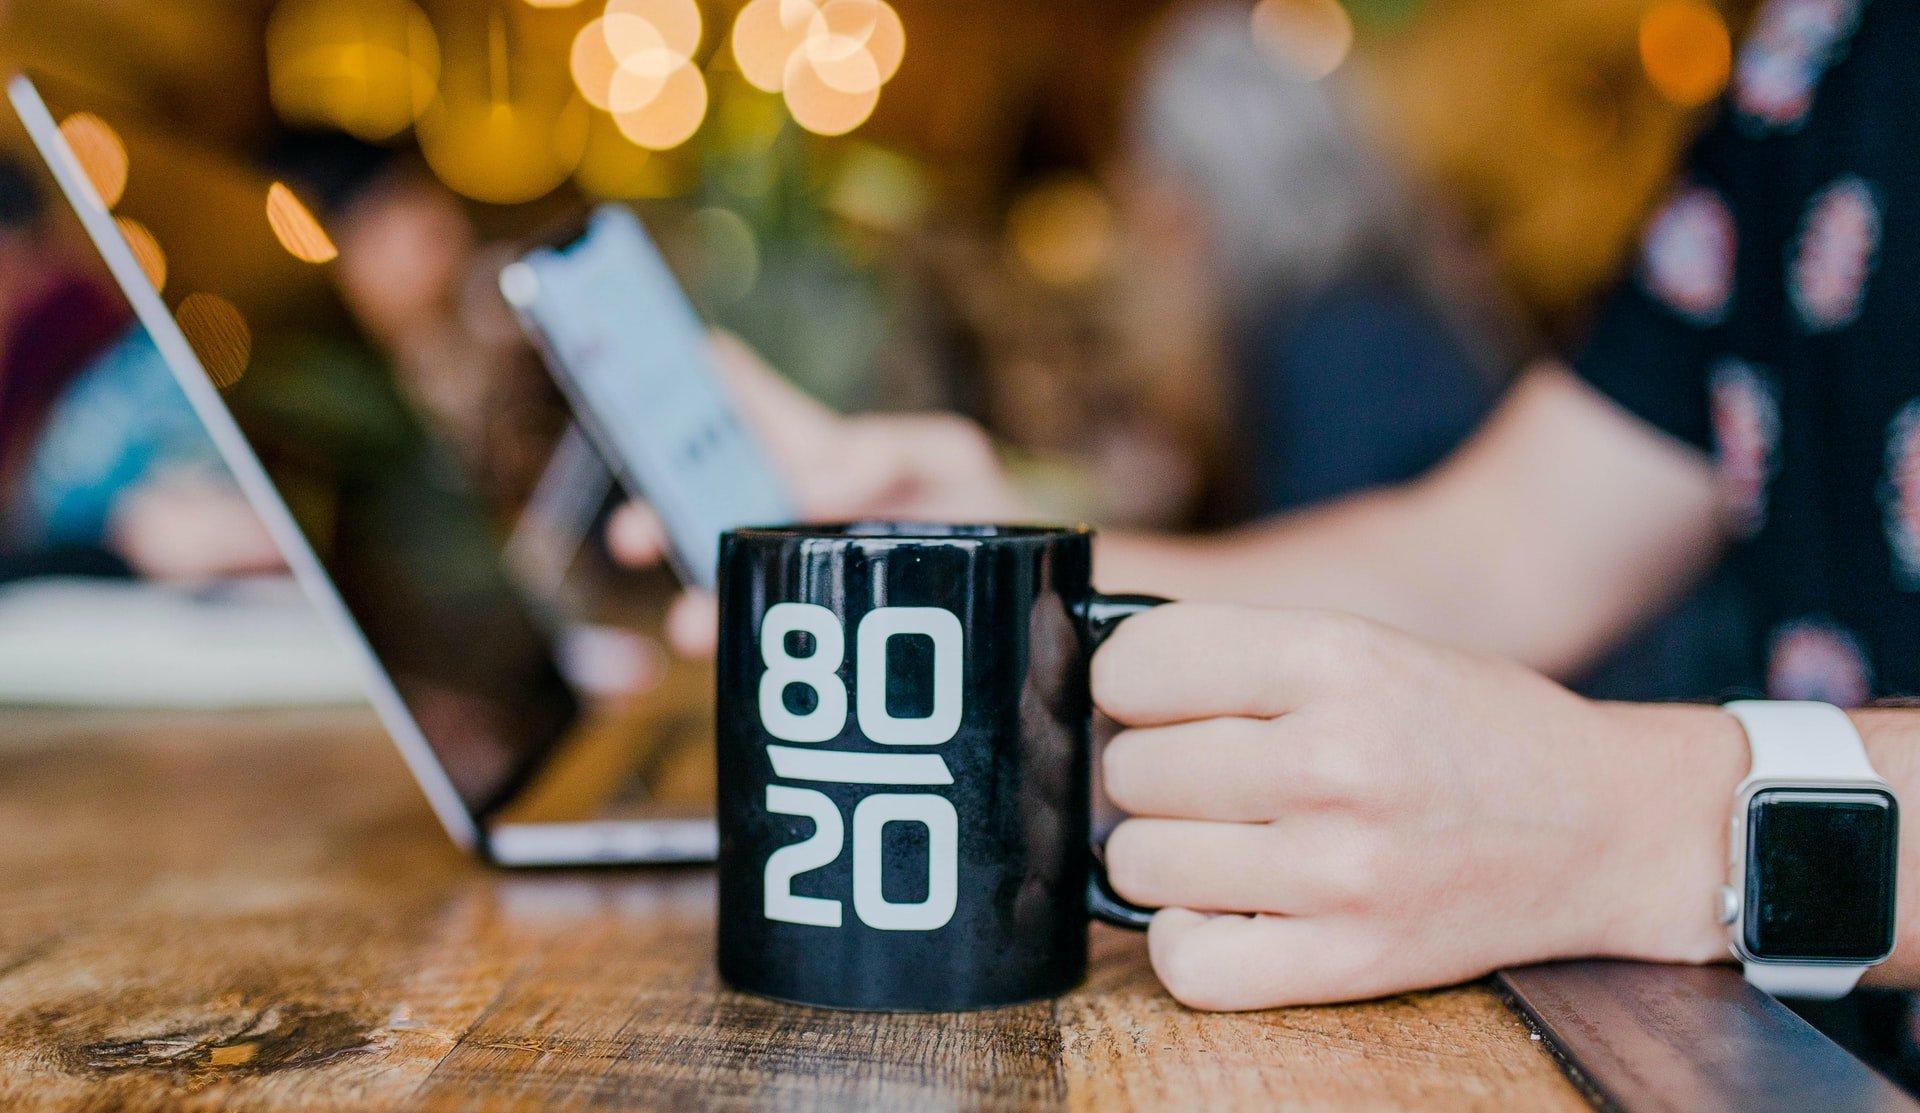 Eine Tasse mit der 80-20-Regel des Pareto-Prinzips